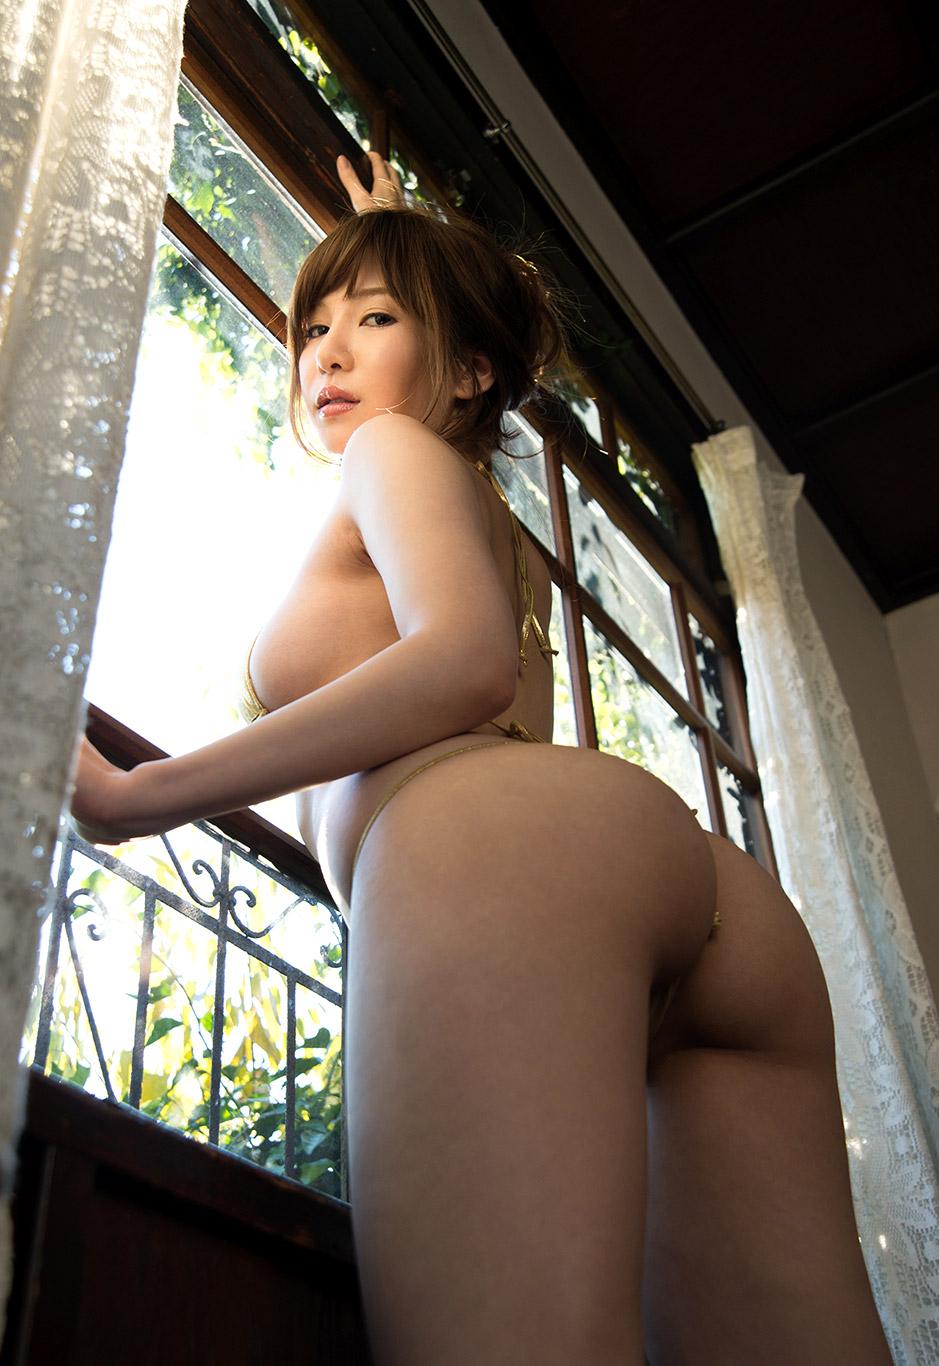 【葵エロ画像】絶品ボディお姉さん!Hカップ美巨乳が溜まらん美女・葵(;´∀`)